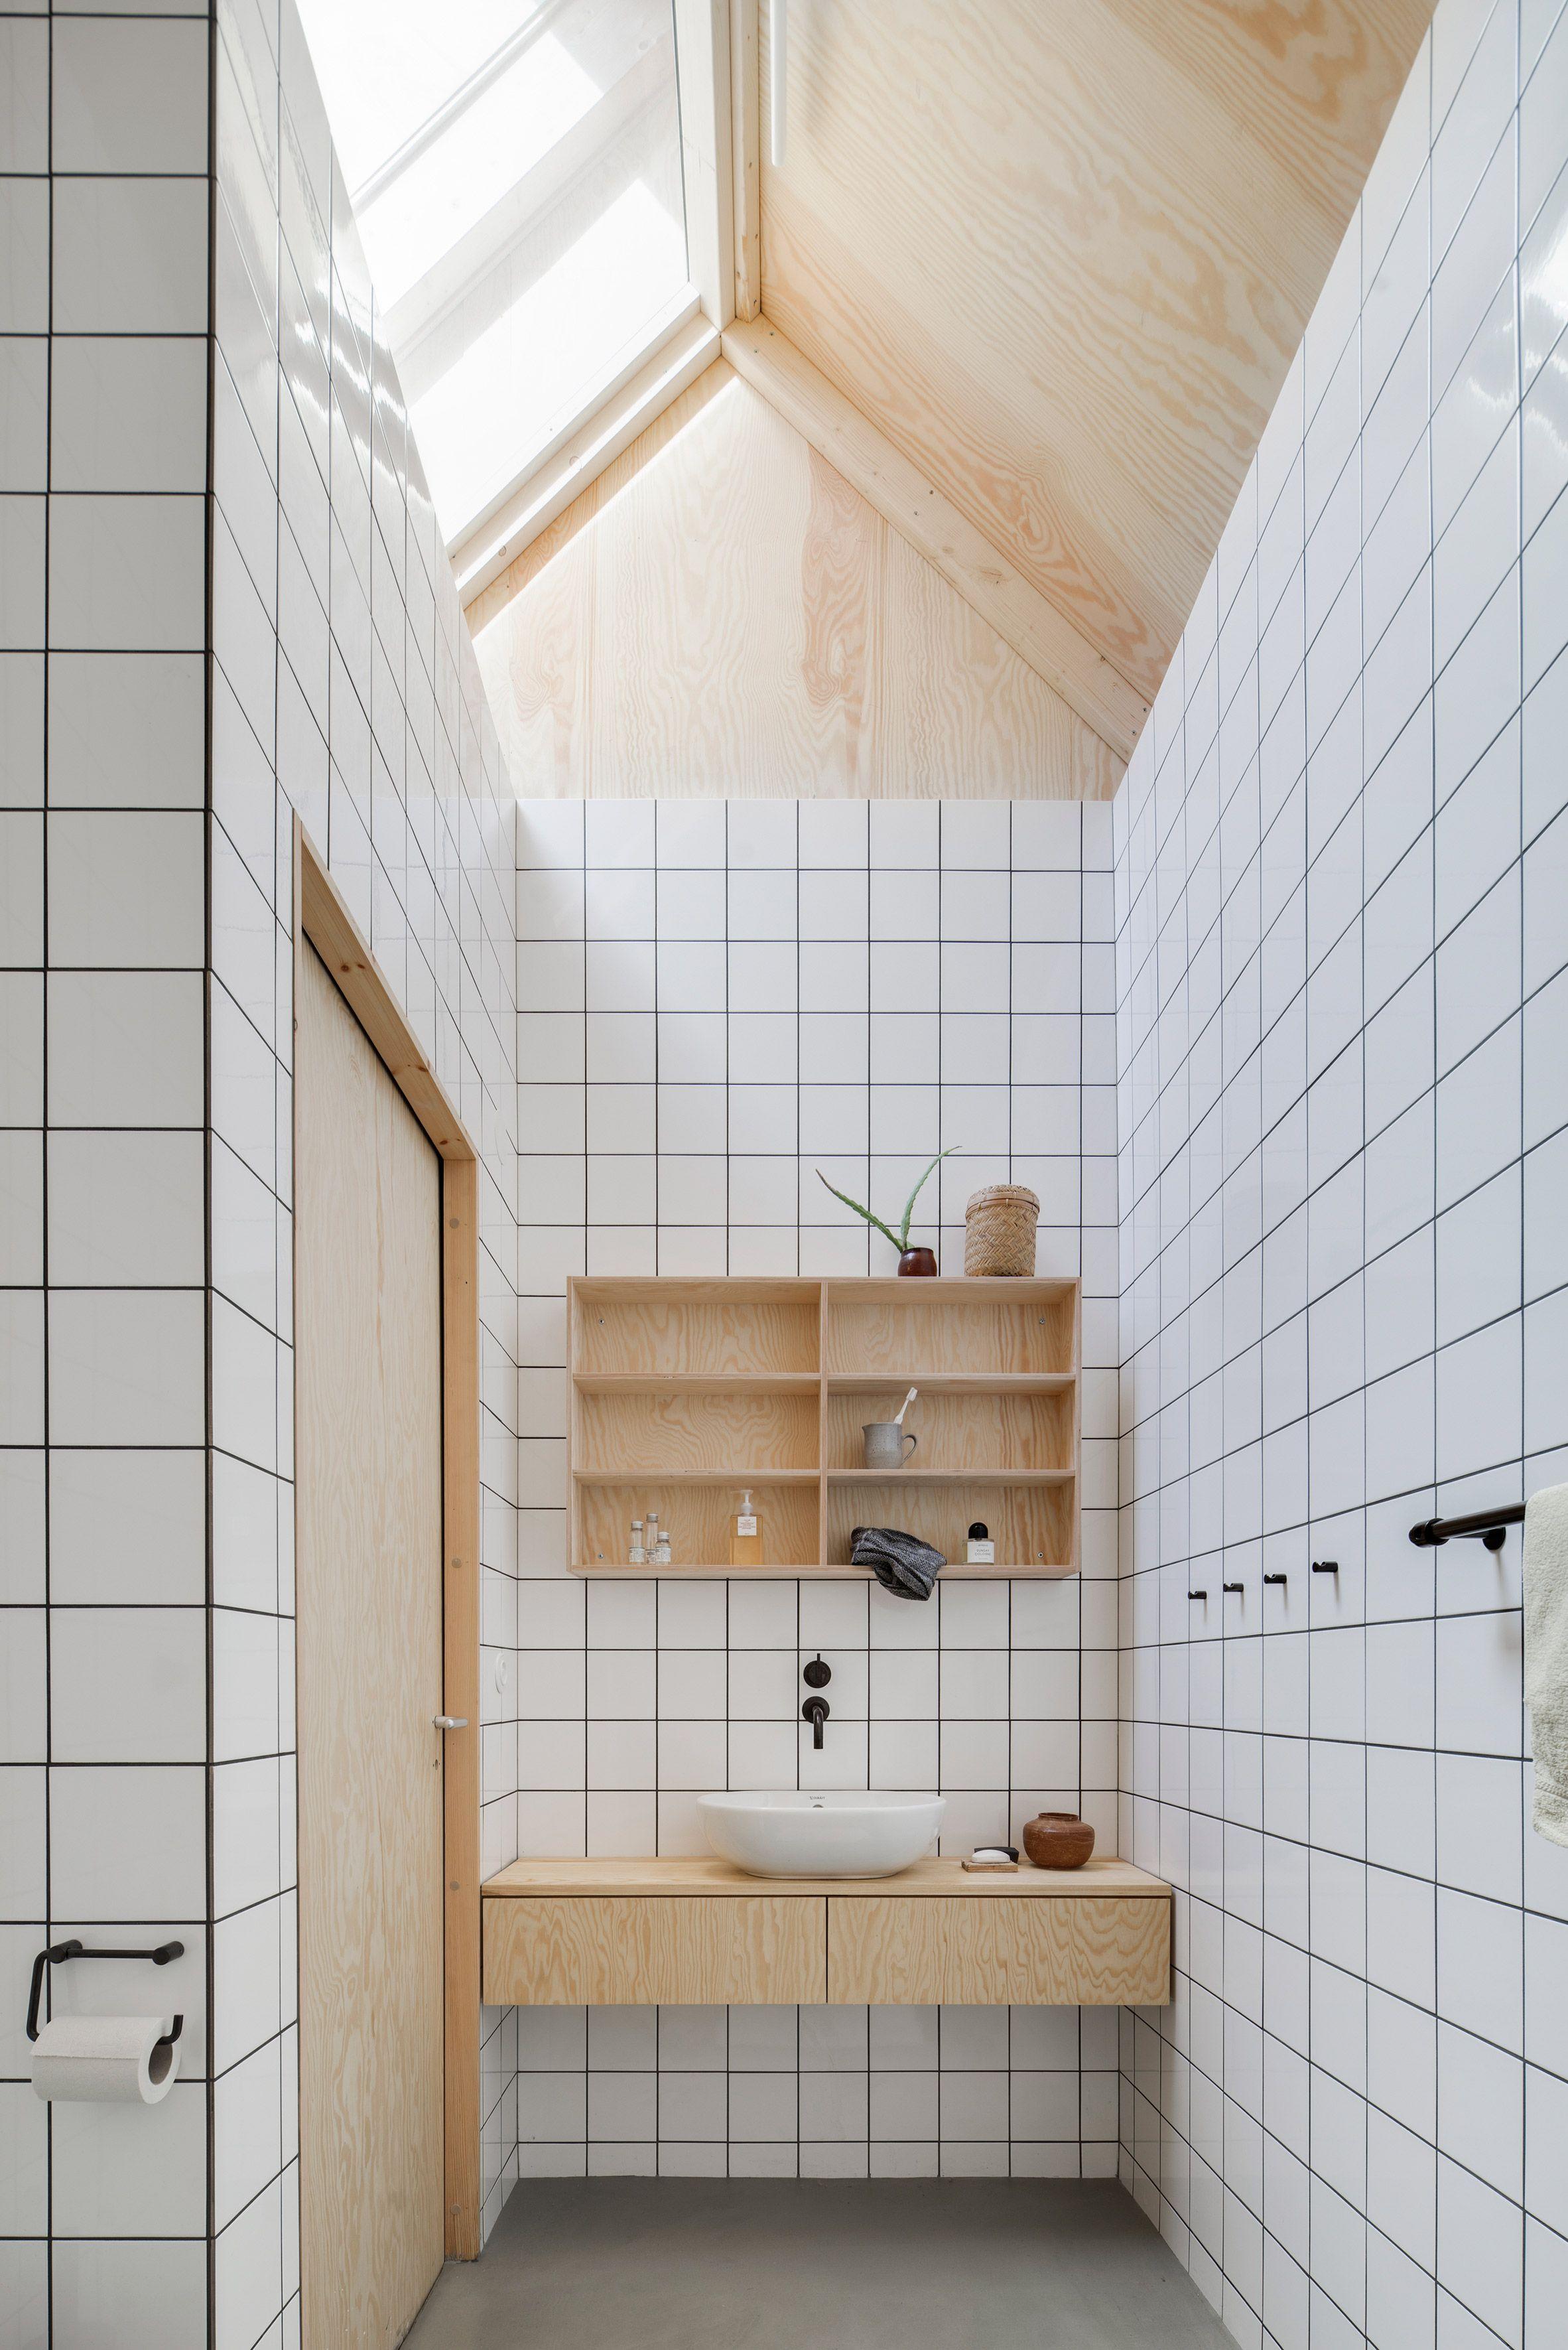 House for Mother by Förstberg Ling | I N T E R I O R S | Pinterest ...